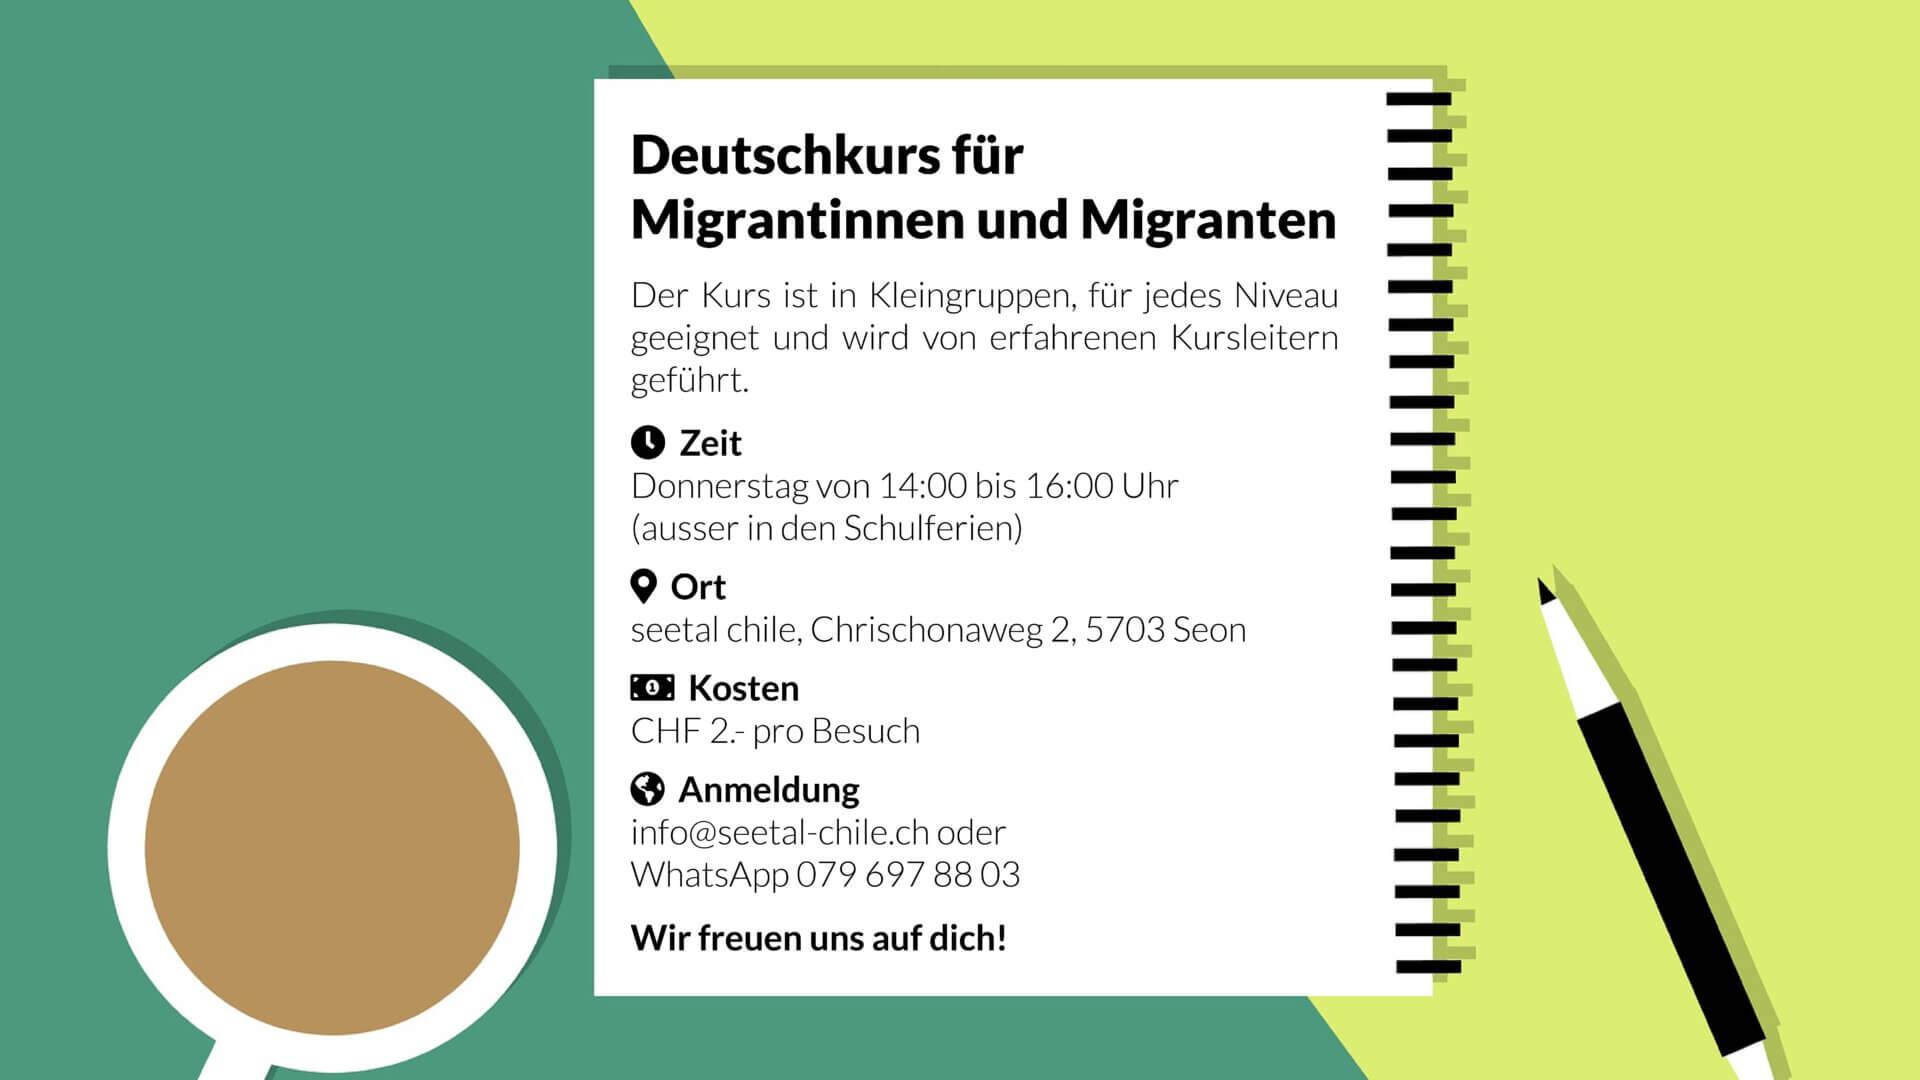 Deutschkurs_16_9_slide